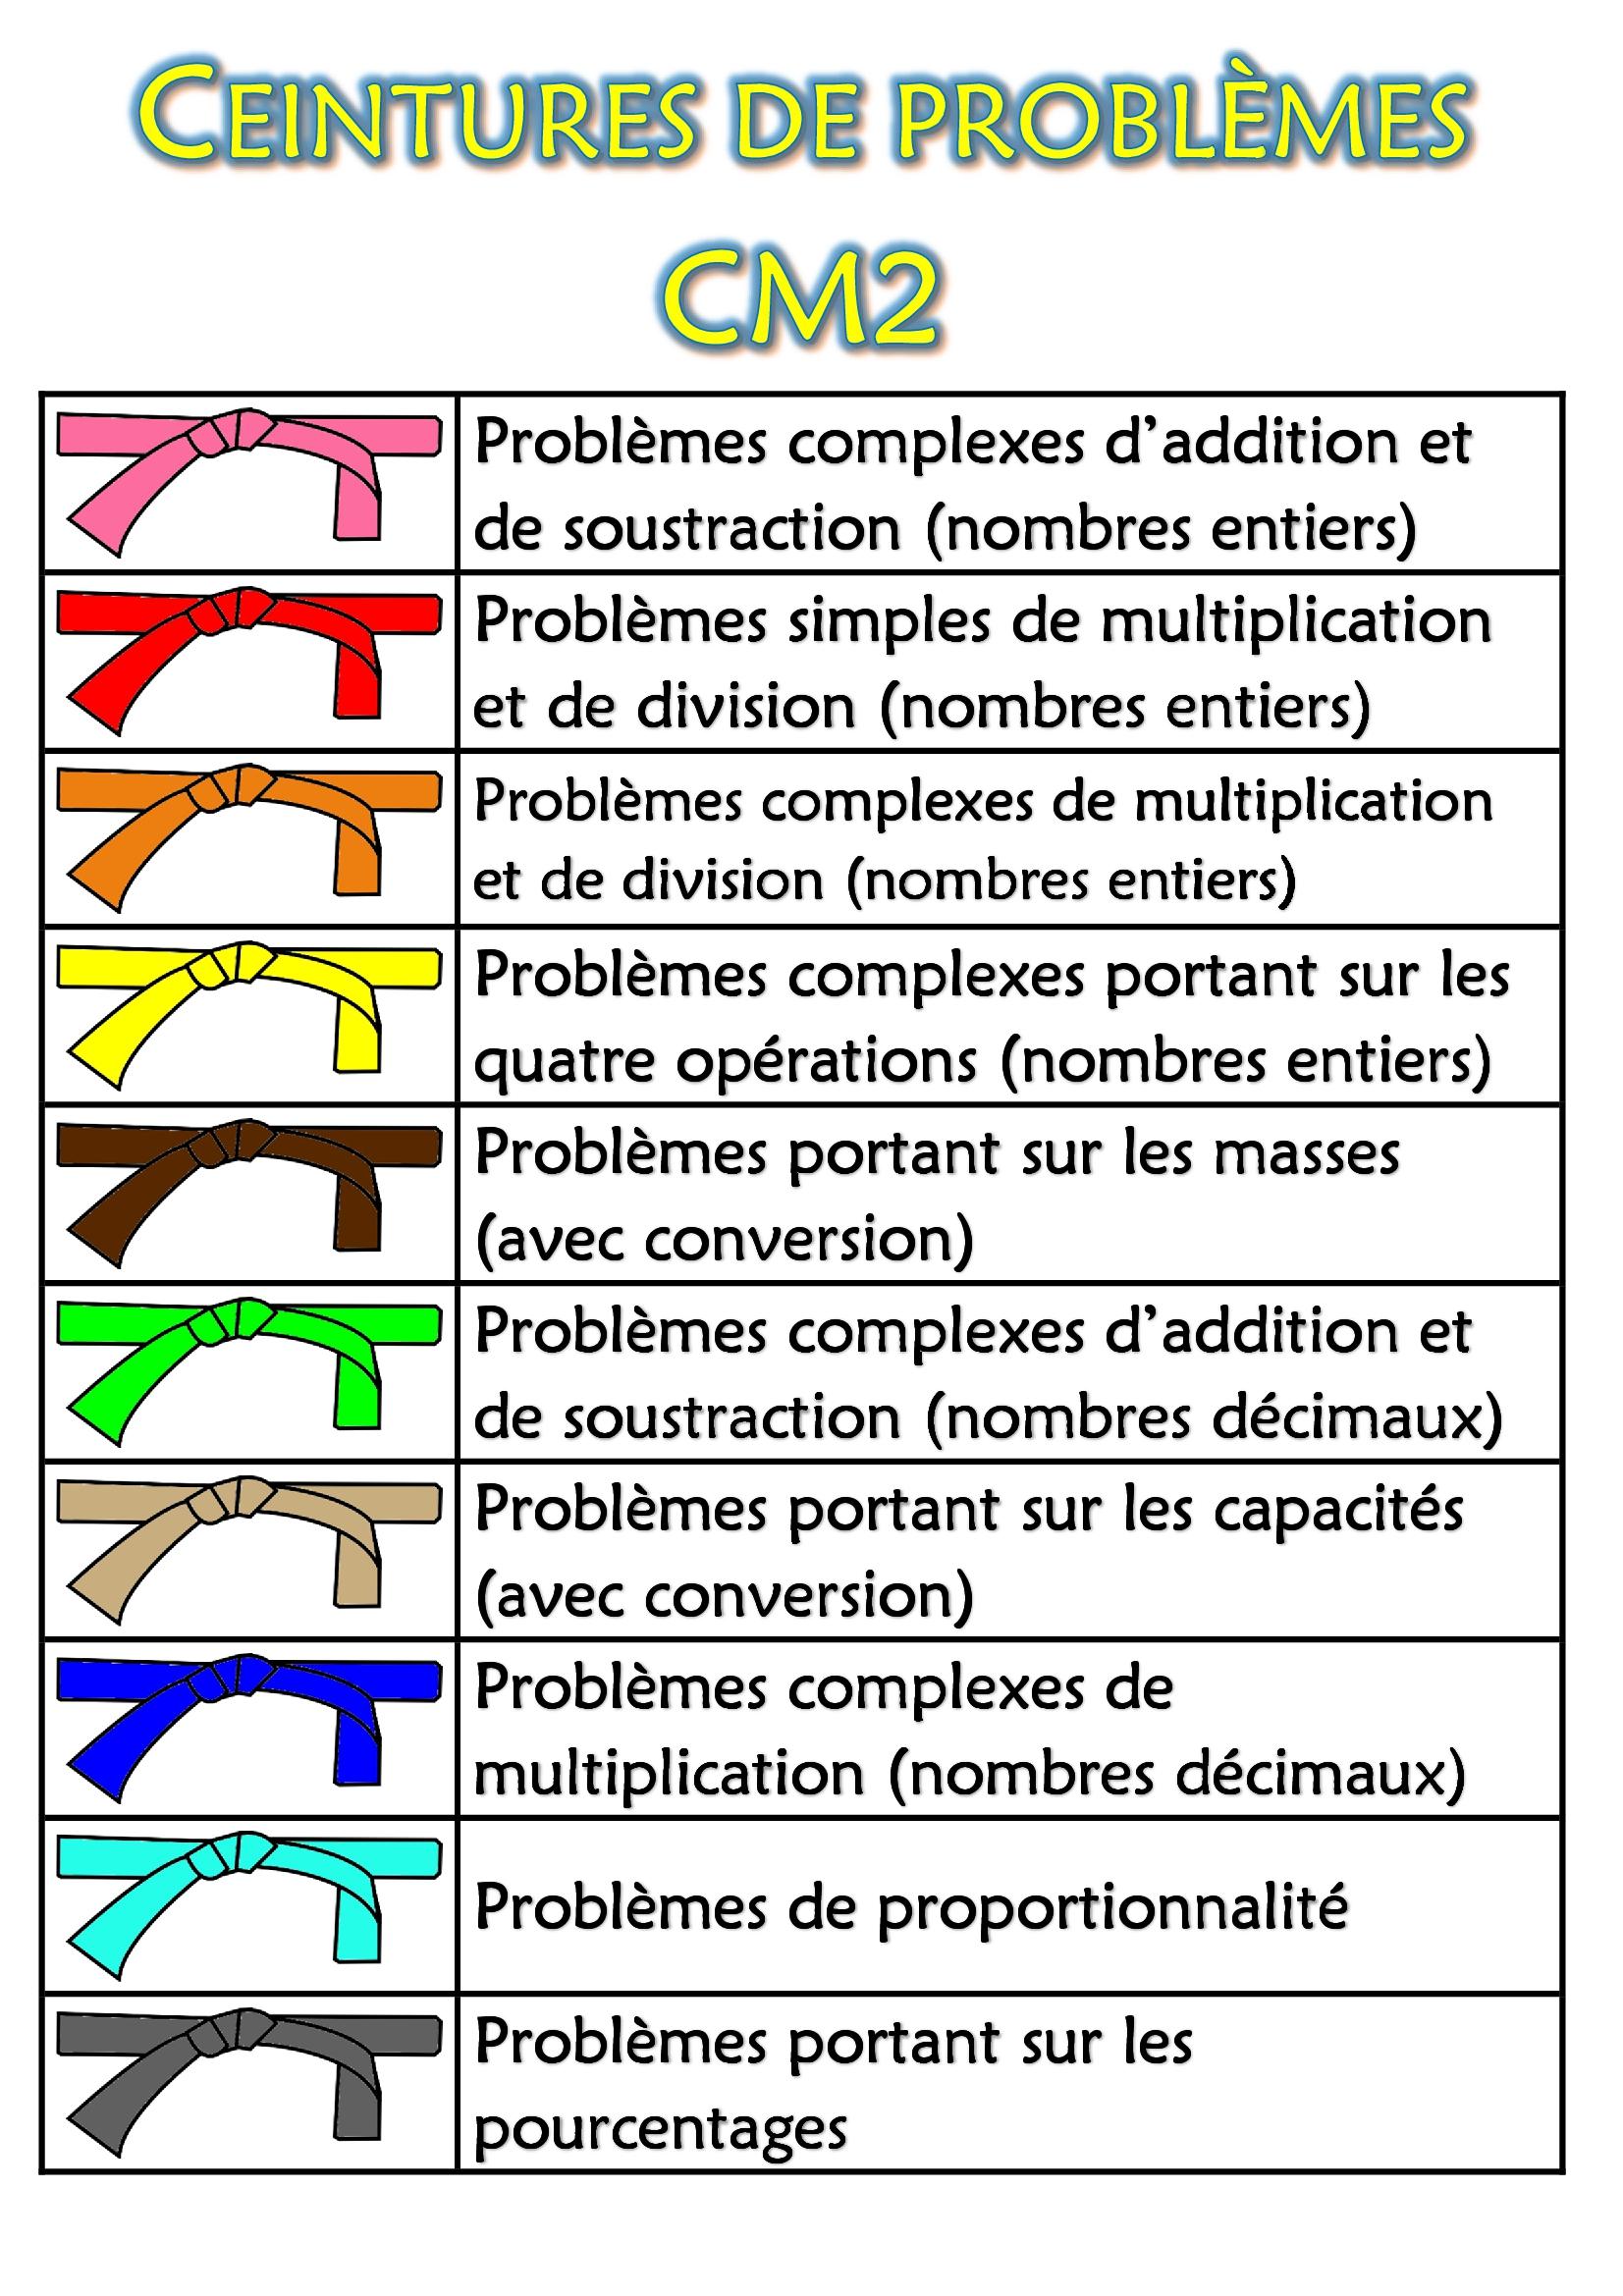 Ceintures de problèmes CM2 - Chez monsieur Paul ae4aa28d91b